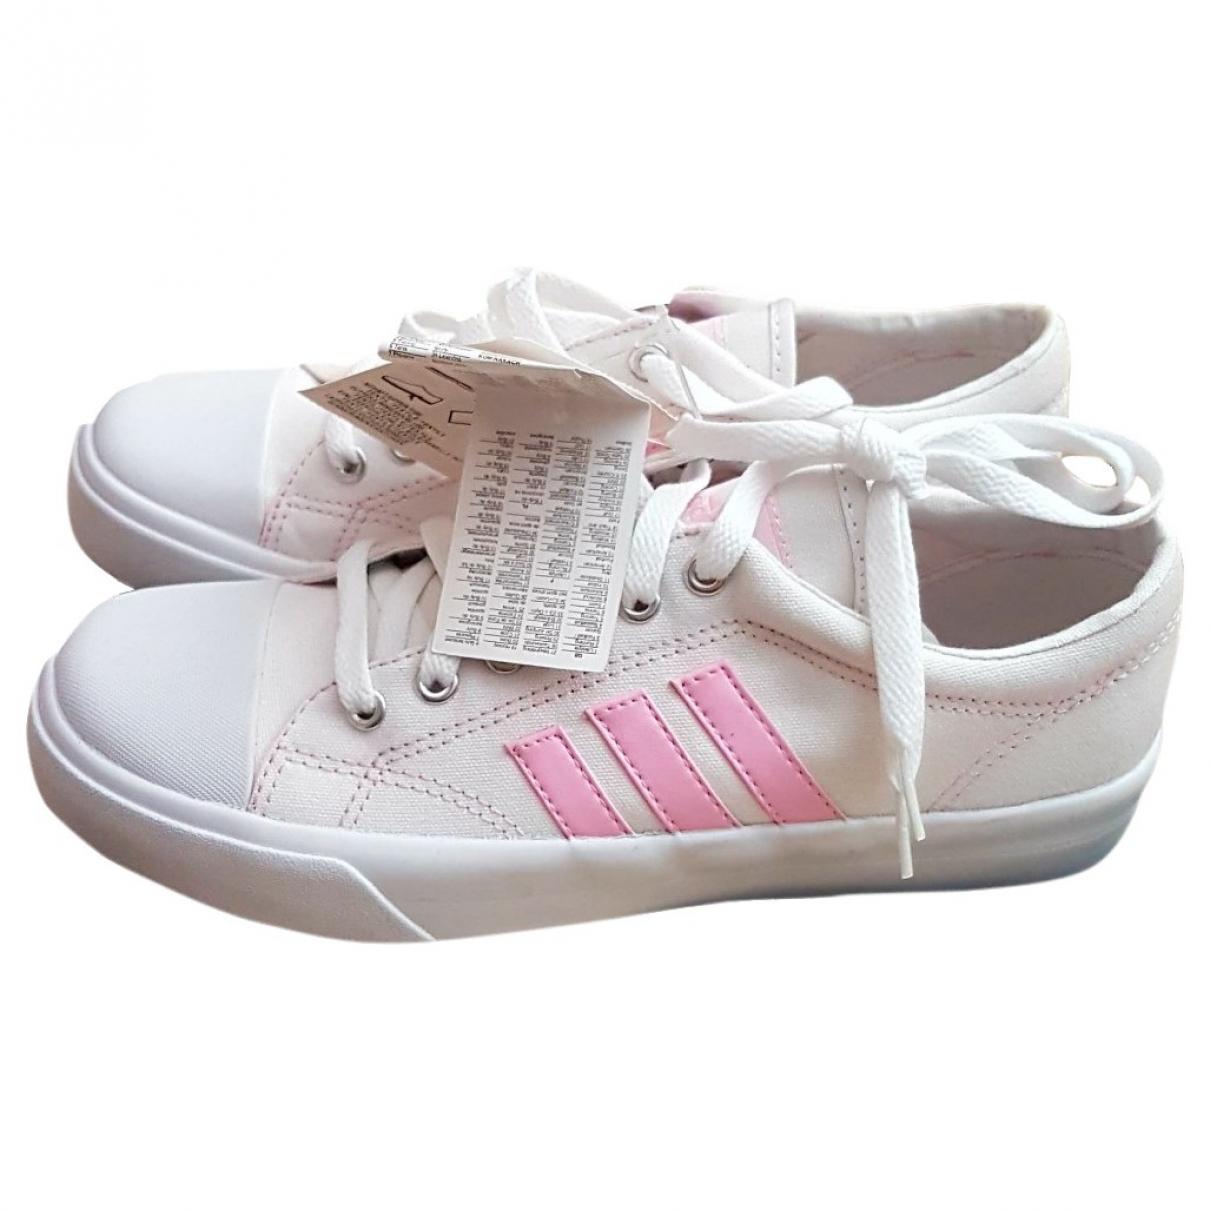 Adidas - Baskets   pour femme en toile - blanc